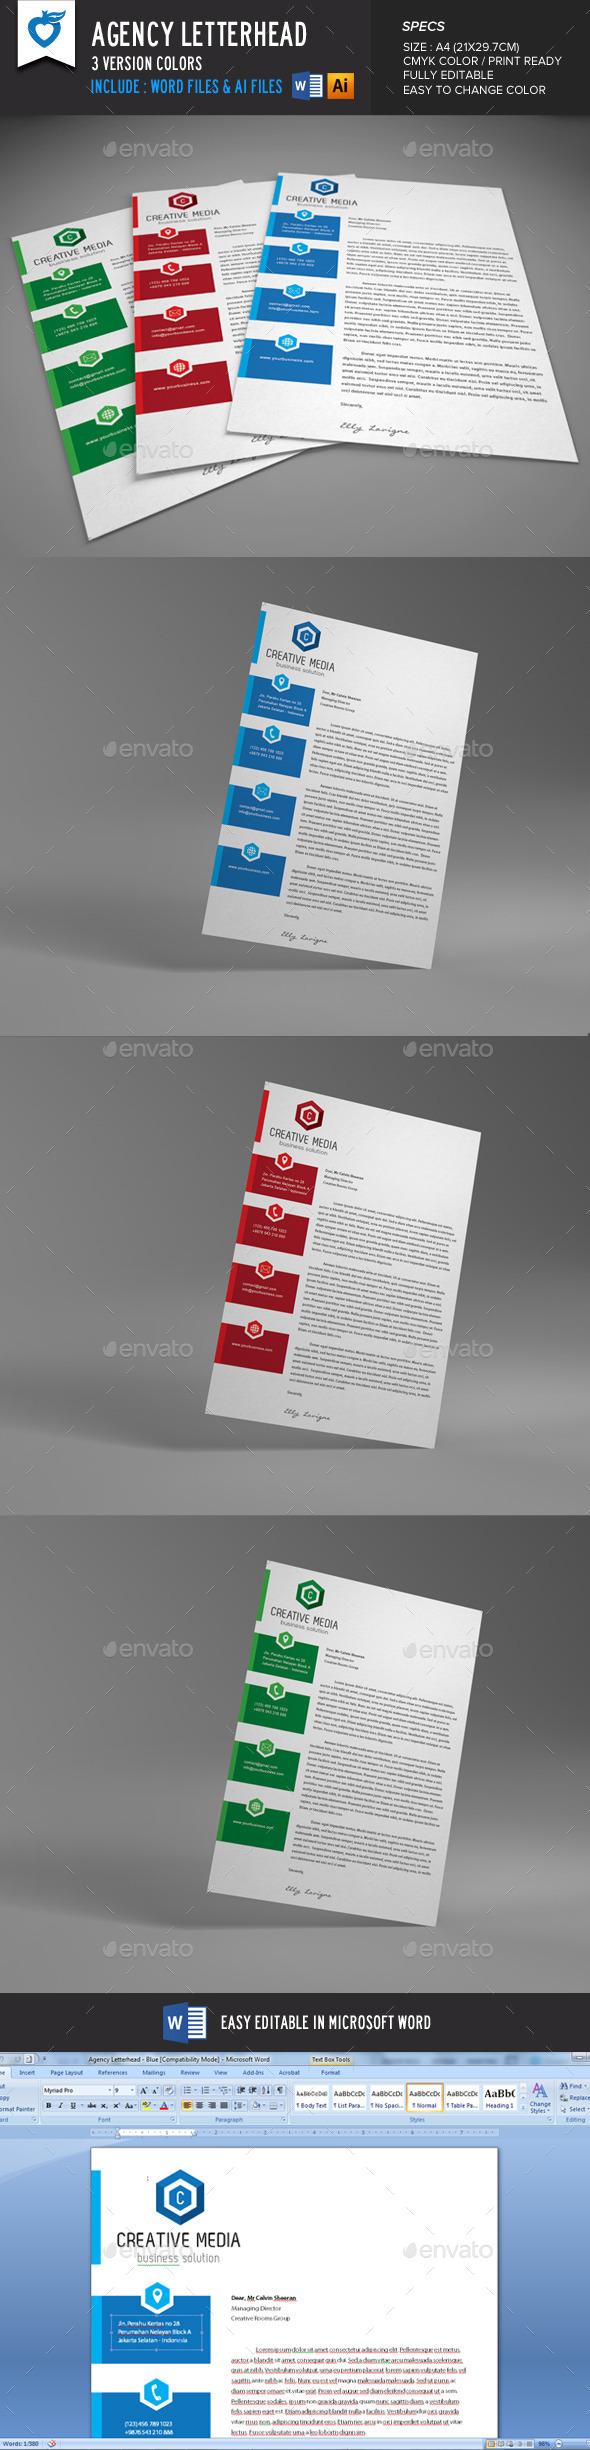 Agency Letterhead